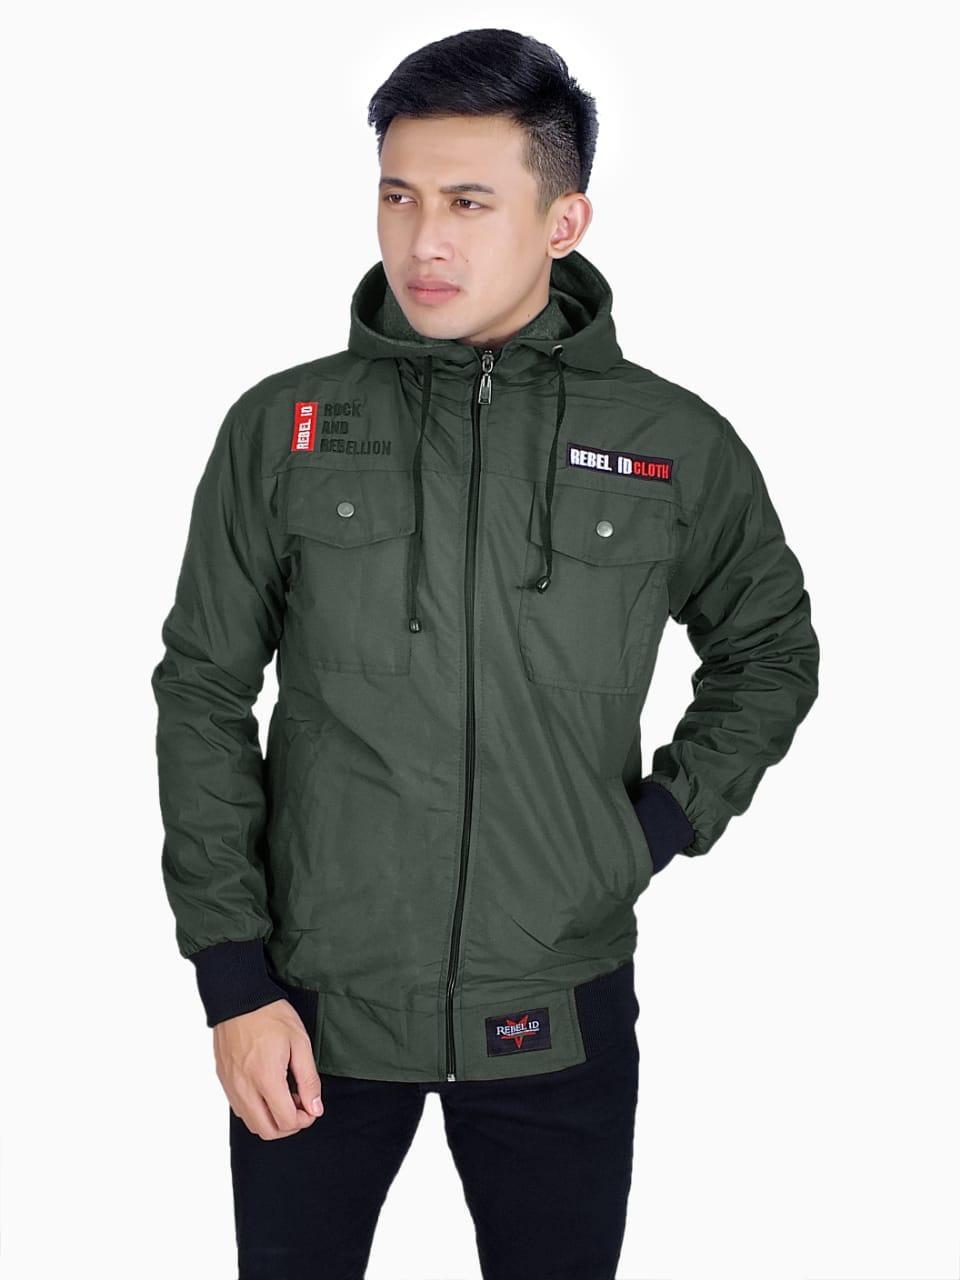 Jaket Parka Taslan Waterproof - Oenzie Store 262db4761b